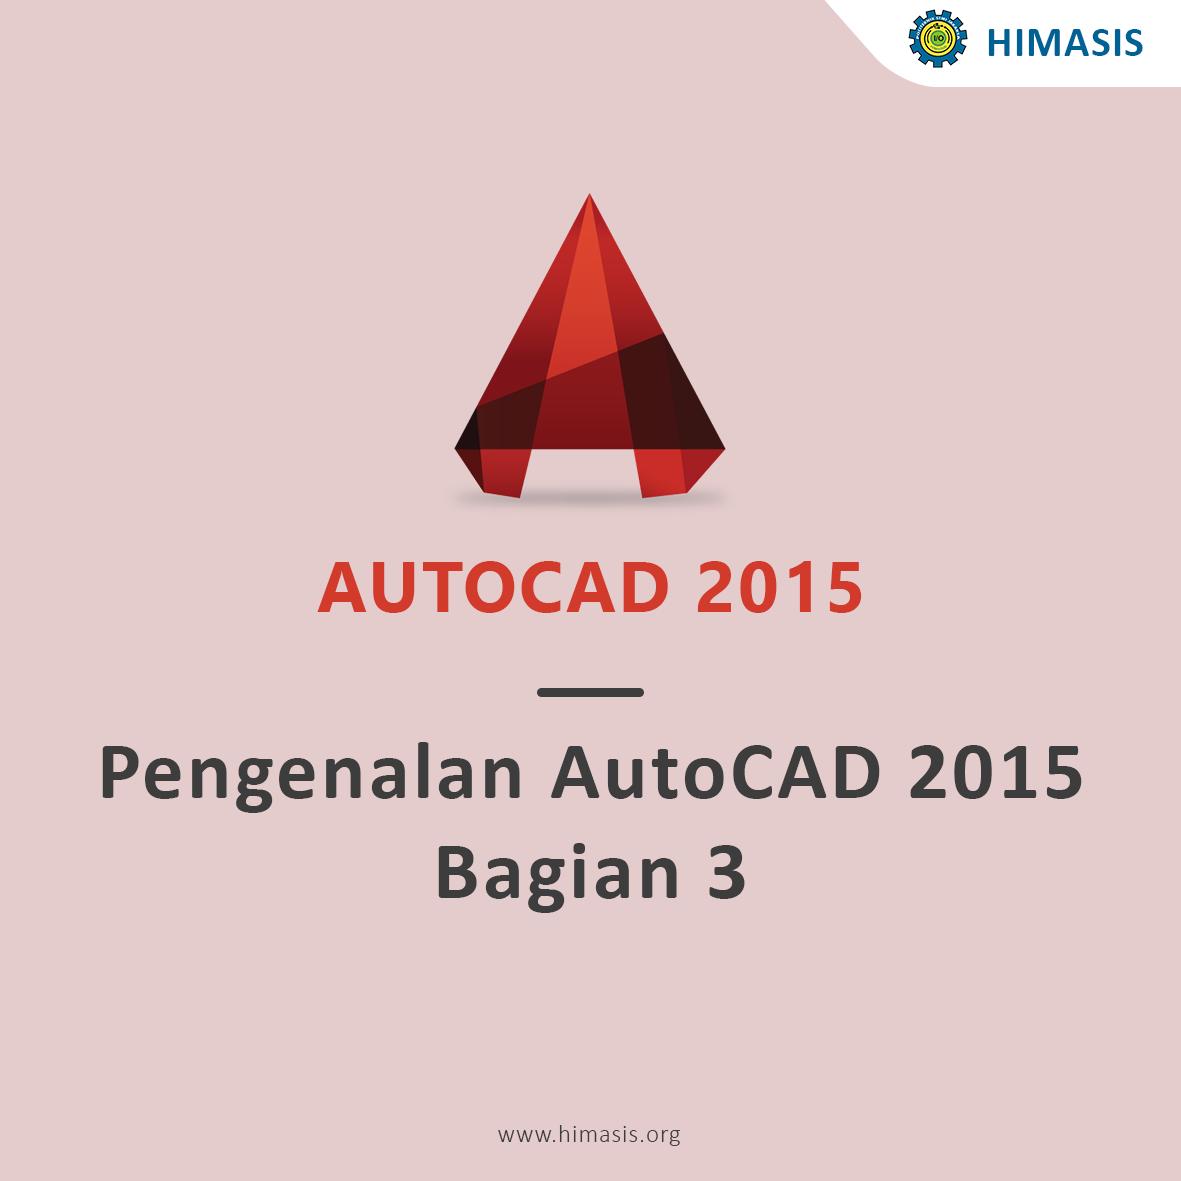 Pengenalan AutoCAD2015 Bagian 3